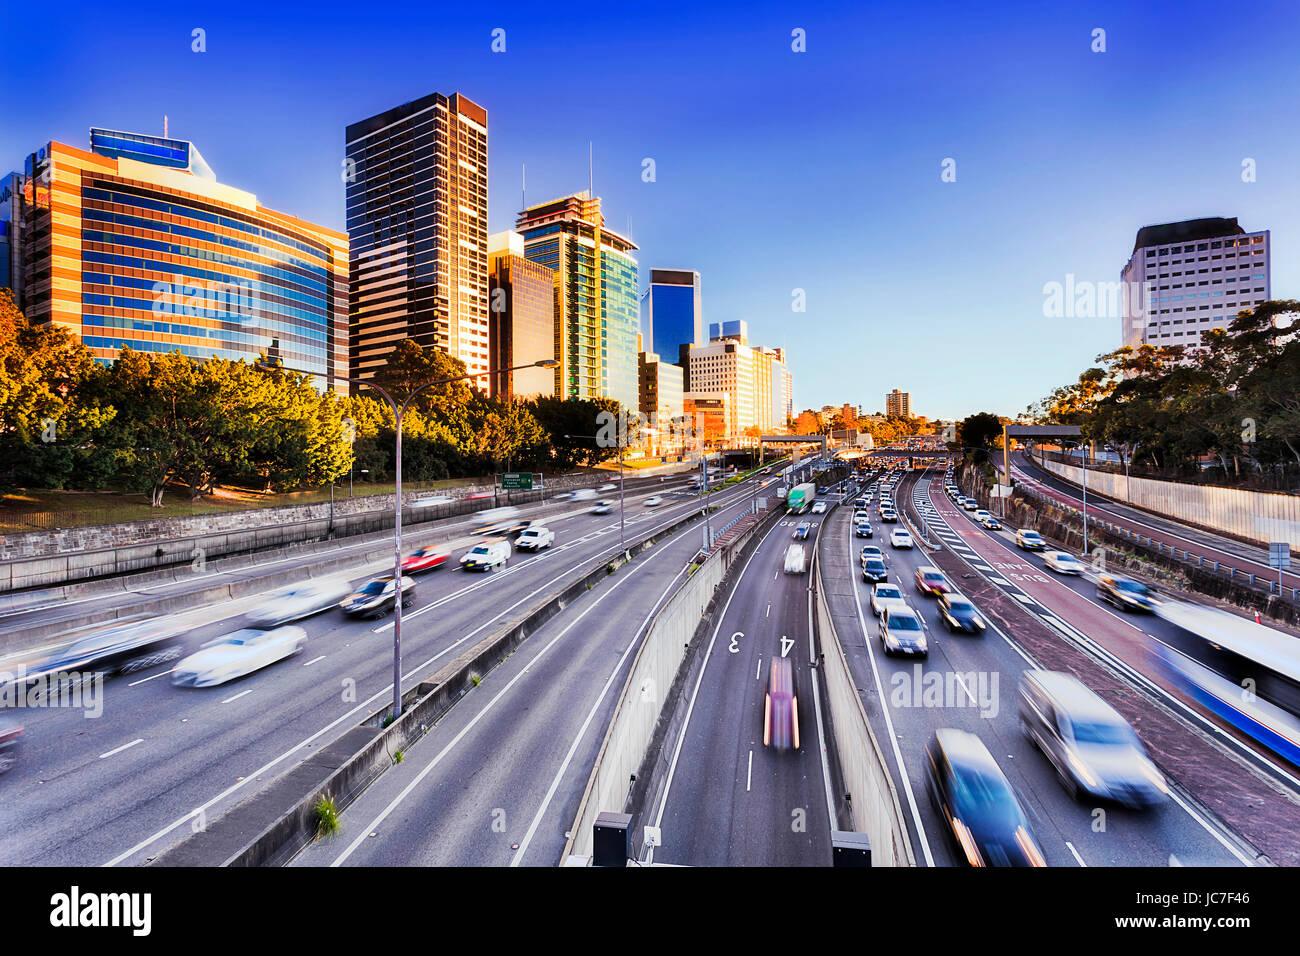 Mattina velocizzando il traffico sulla superstrada Warringah goint a nord di Sydney durante le ore di punta. Multi Immagini Stock